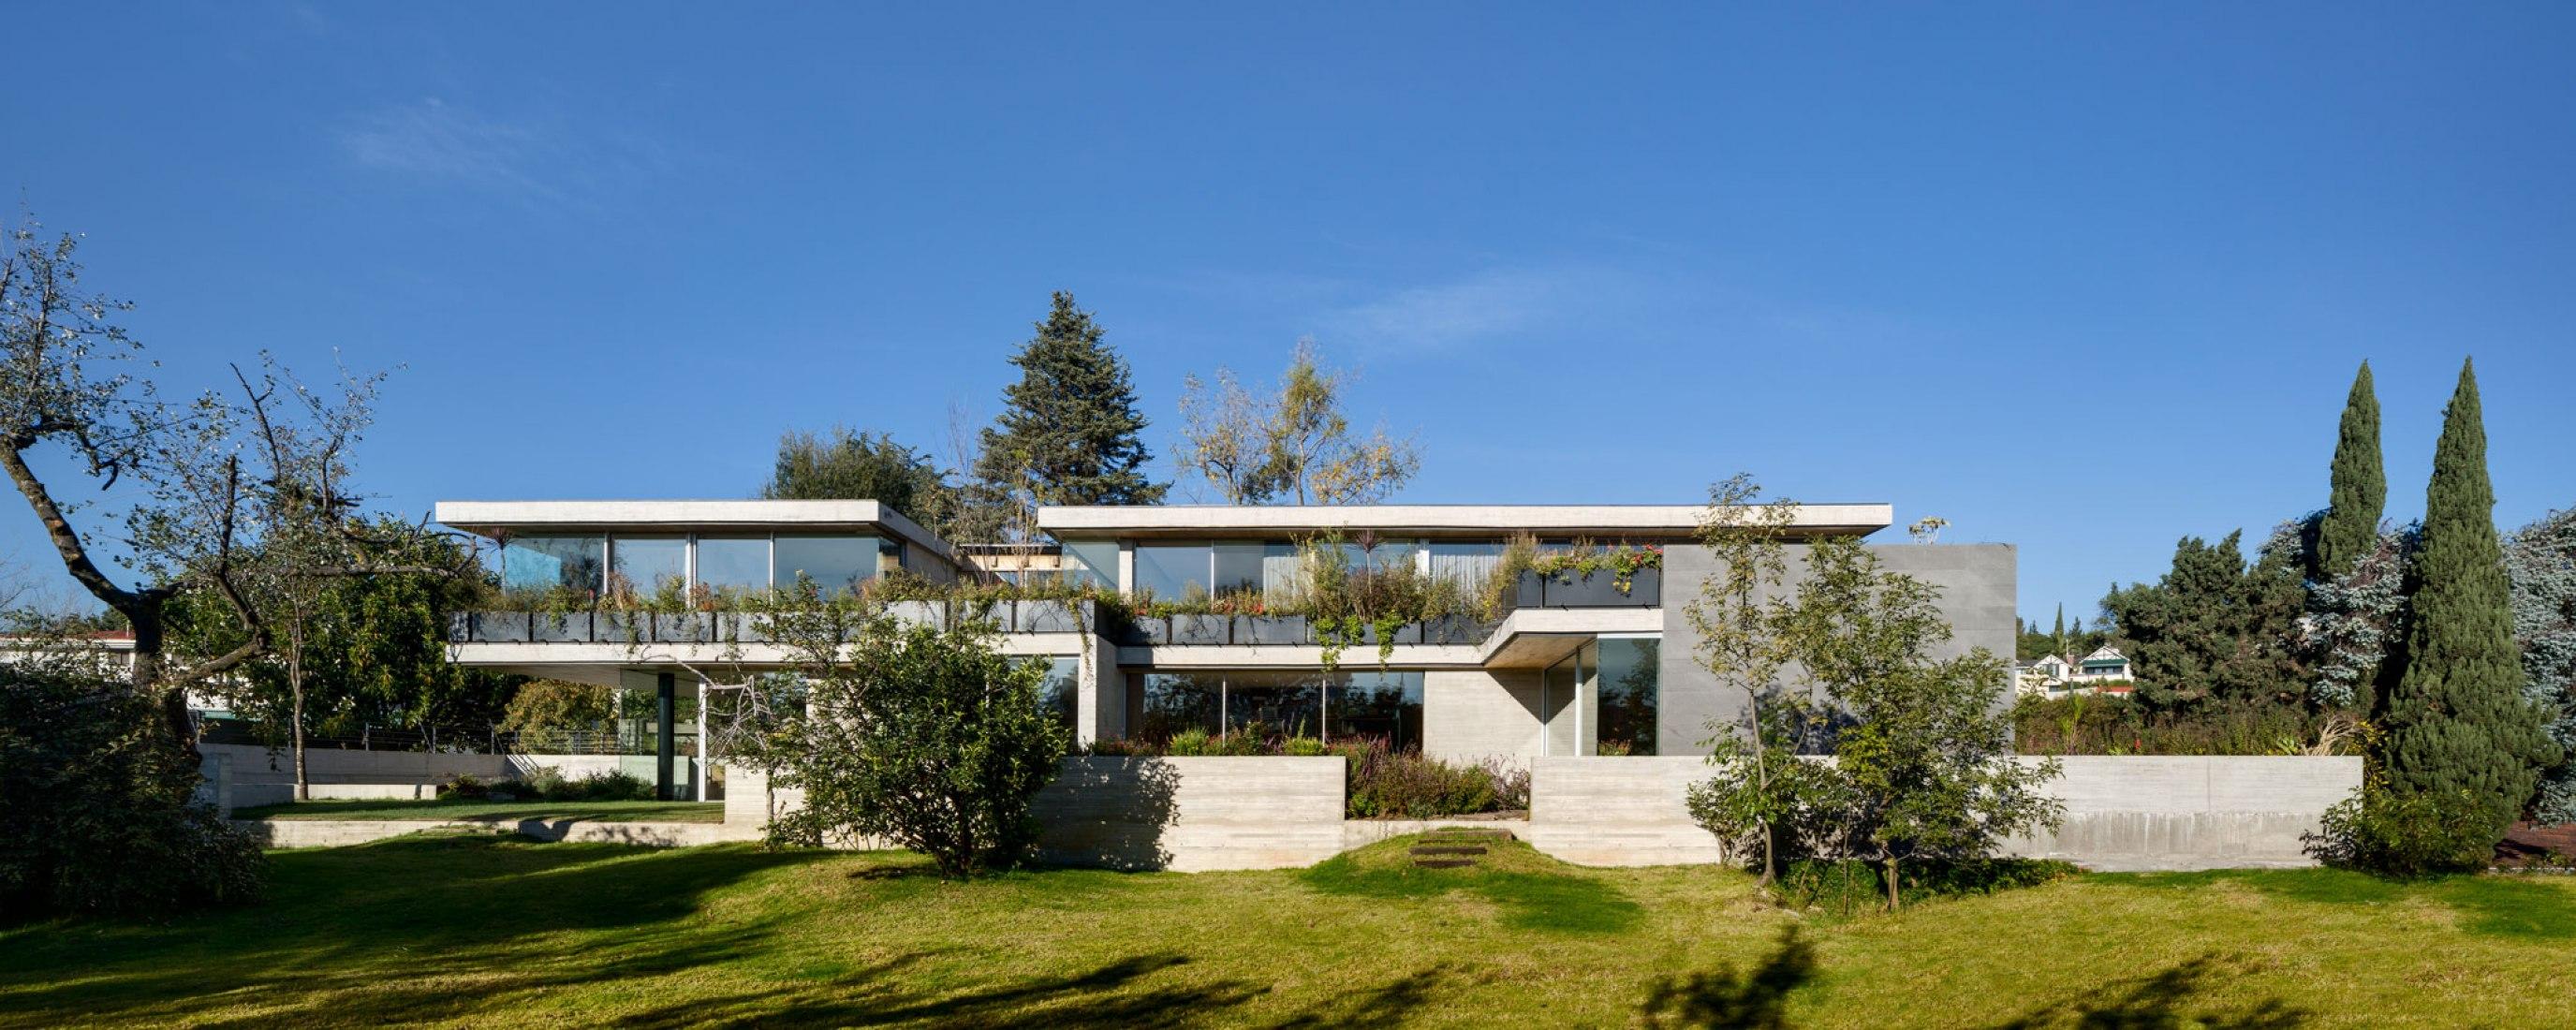 Vista exterior. Casa P29 por vgz arquitectura y diseño. Fotografía por Rafael Gamo